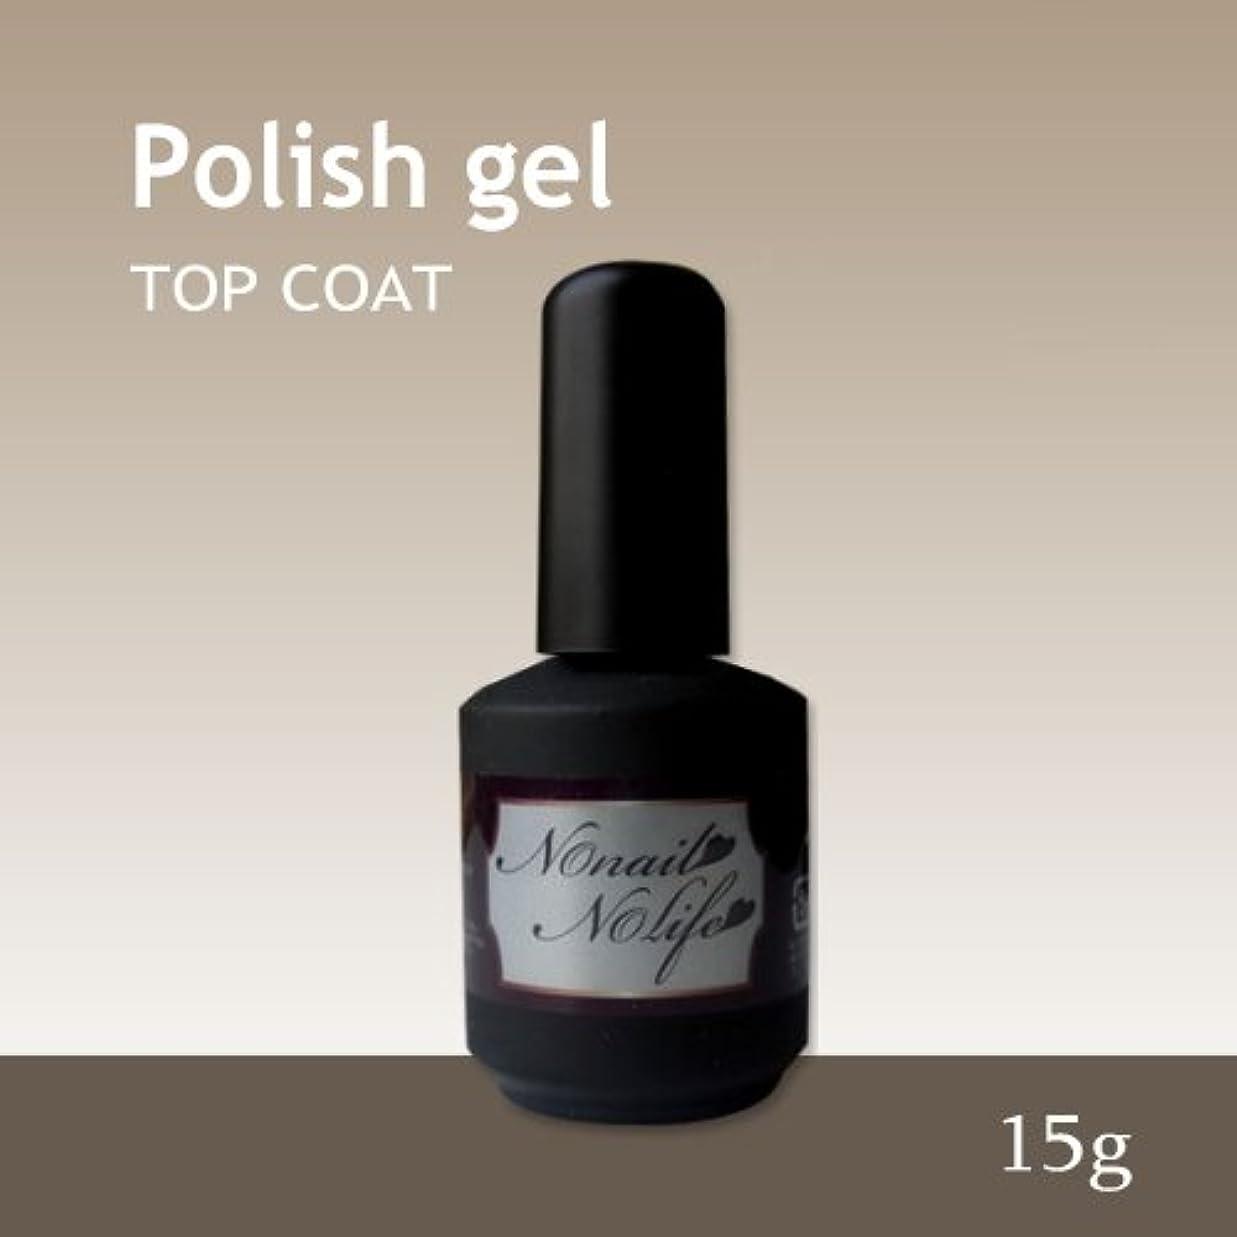 地域まだ七面鳥ジェルネイル《爪に優しいトップコートジェル》Natural Polish ポリッシュトップジェル(15g)